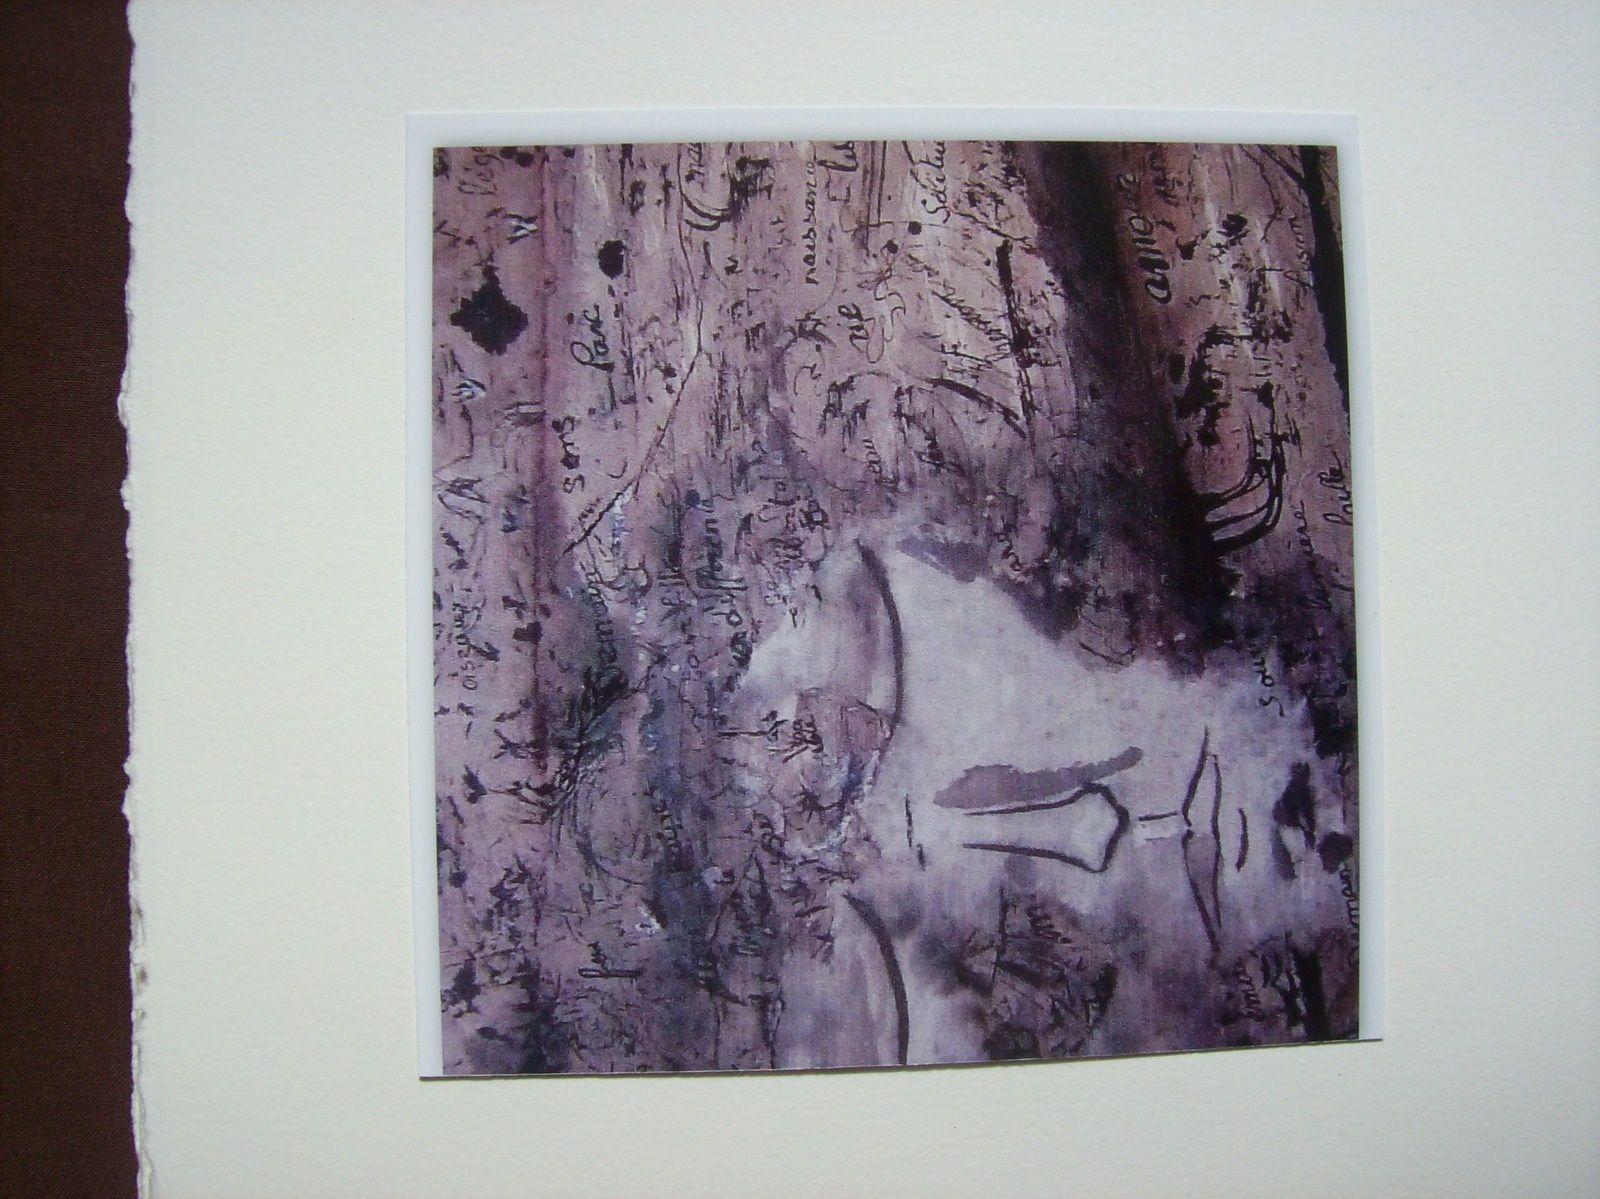 LA NUIT, livre d'artiste. /Poèmes de Régis Roux, peintures de Christiane Joguet)